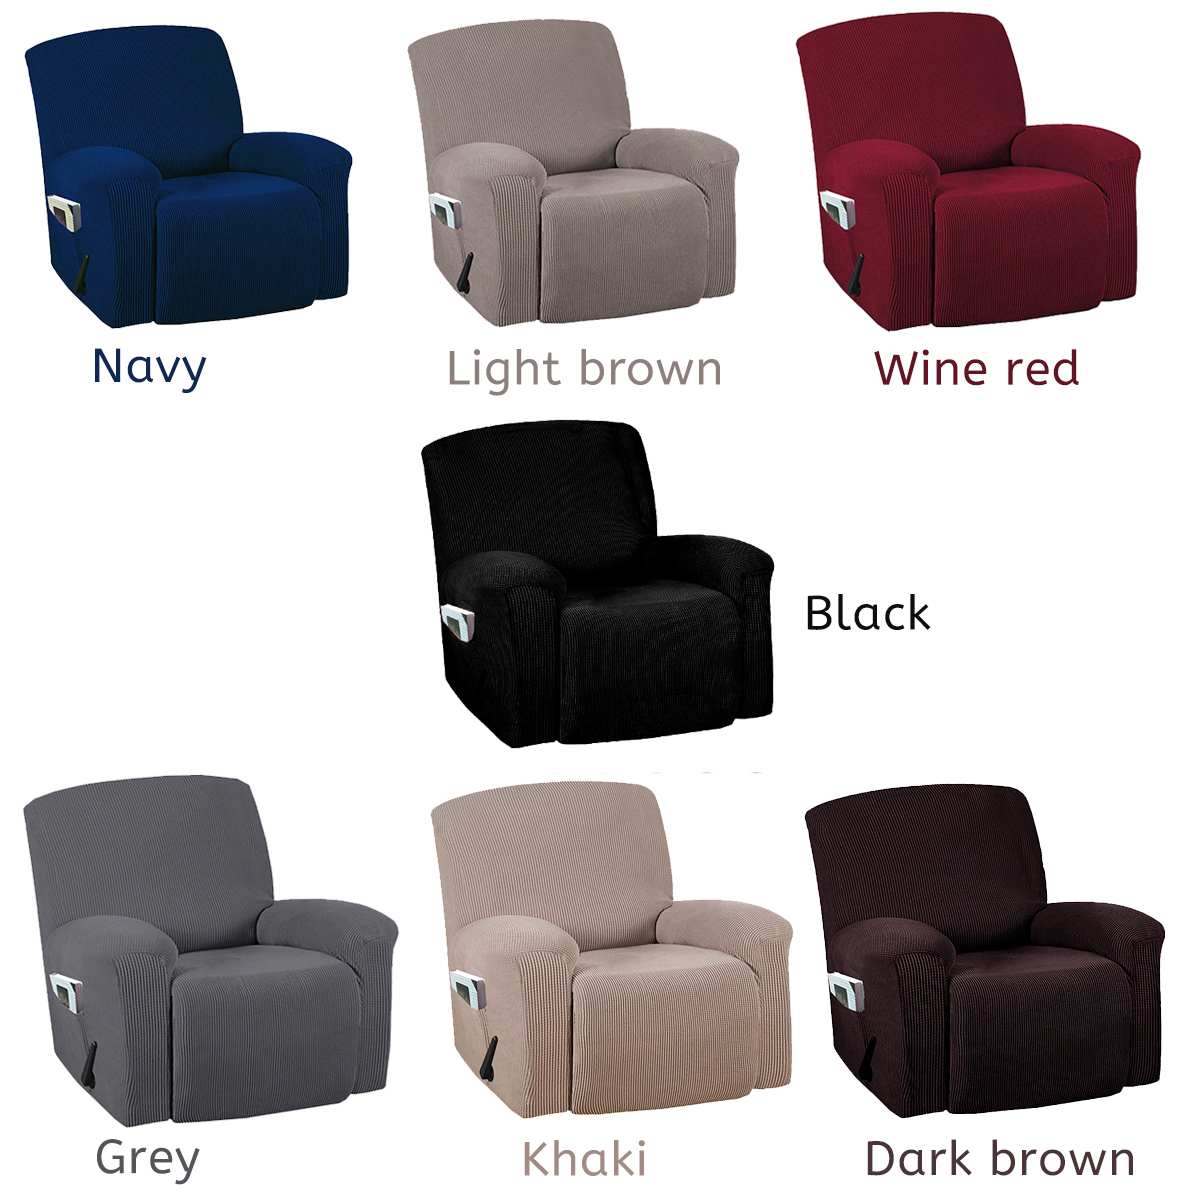 عدم الانزلاق كرسي غطاء مقعد غطاء حامي مرونة شاملة أريكة تدليك غطاء أريكة ل وينغيباك كرسي أريكة تمتد